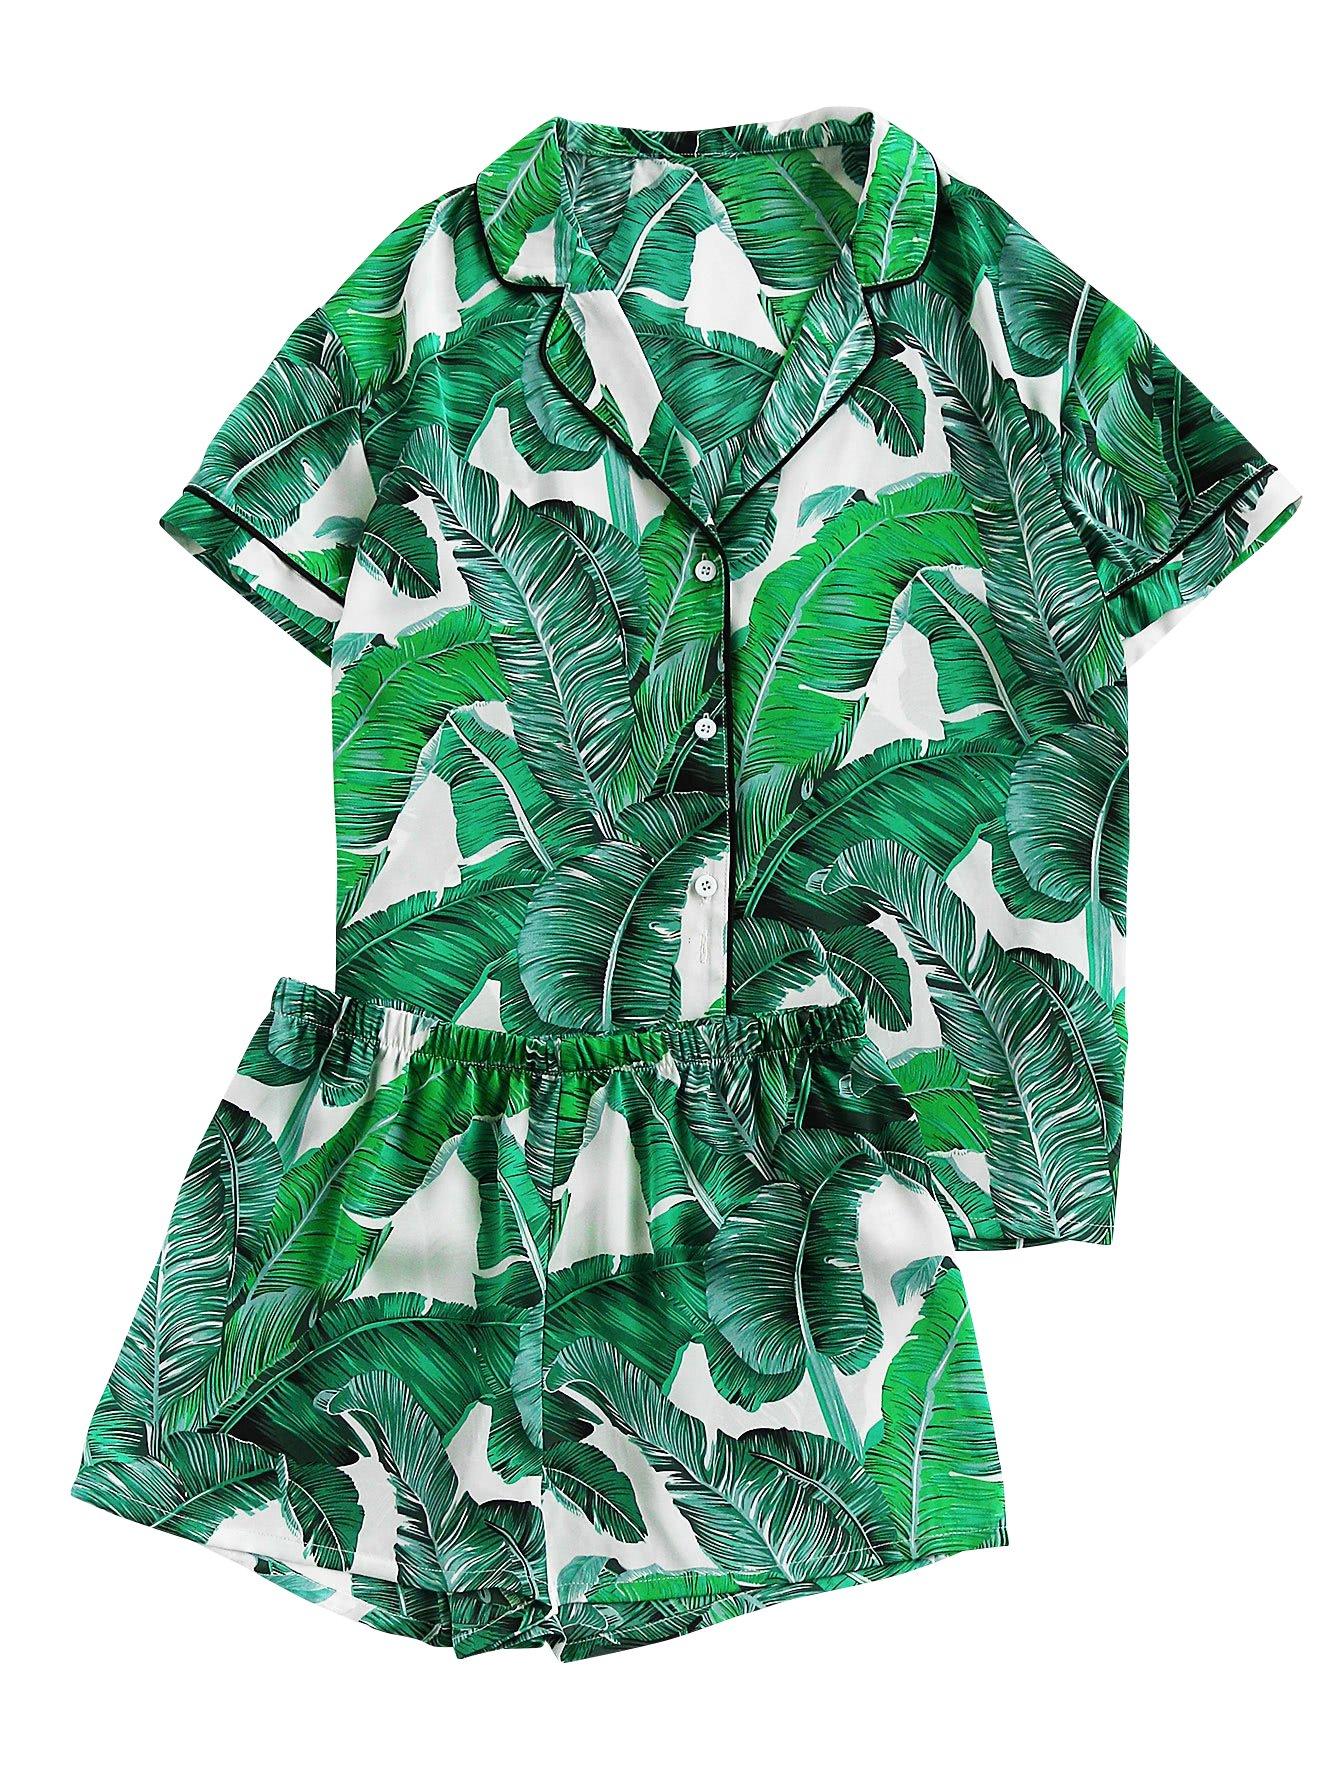 Floerns Women's Notch Collar Shorts Loose Sleepwear Two Piece Pajama Set Green M